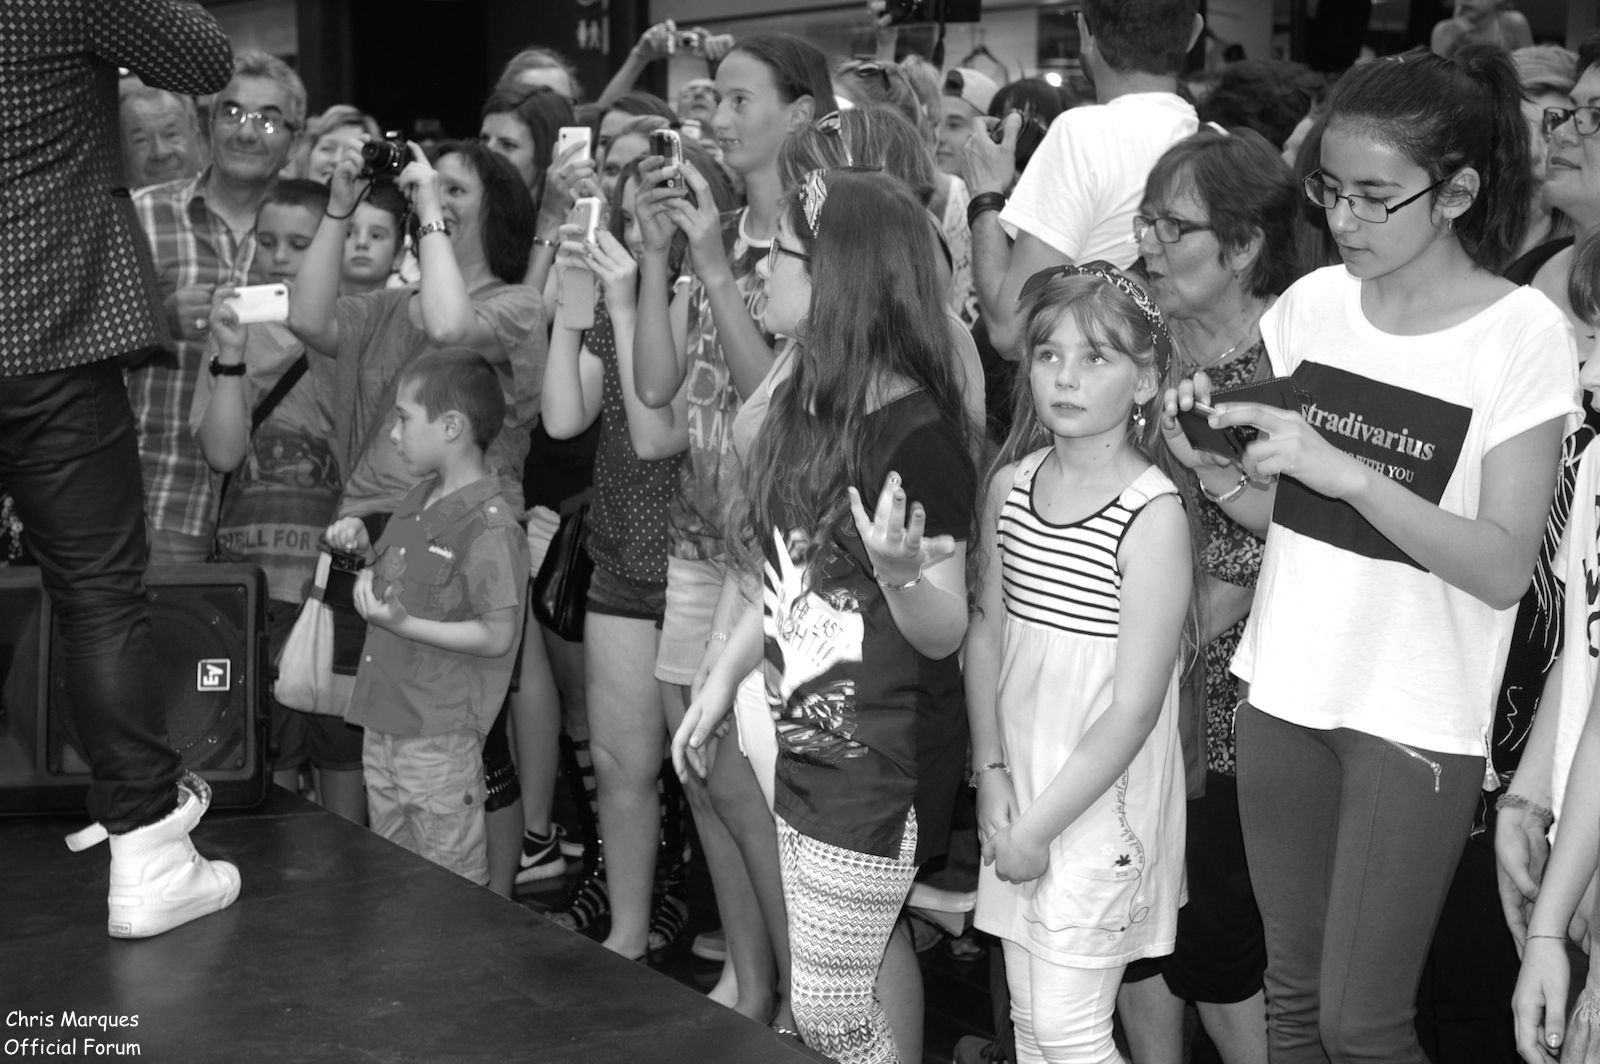 [14.06.2014] Evénement à #Colmar Chris Marques et Jaclyn Spencer pour un Flashmob/Cours de Danse/Dédicaces exceptionnels le tout organisé par la MJC de Colmar 7211